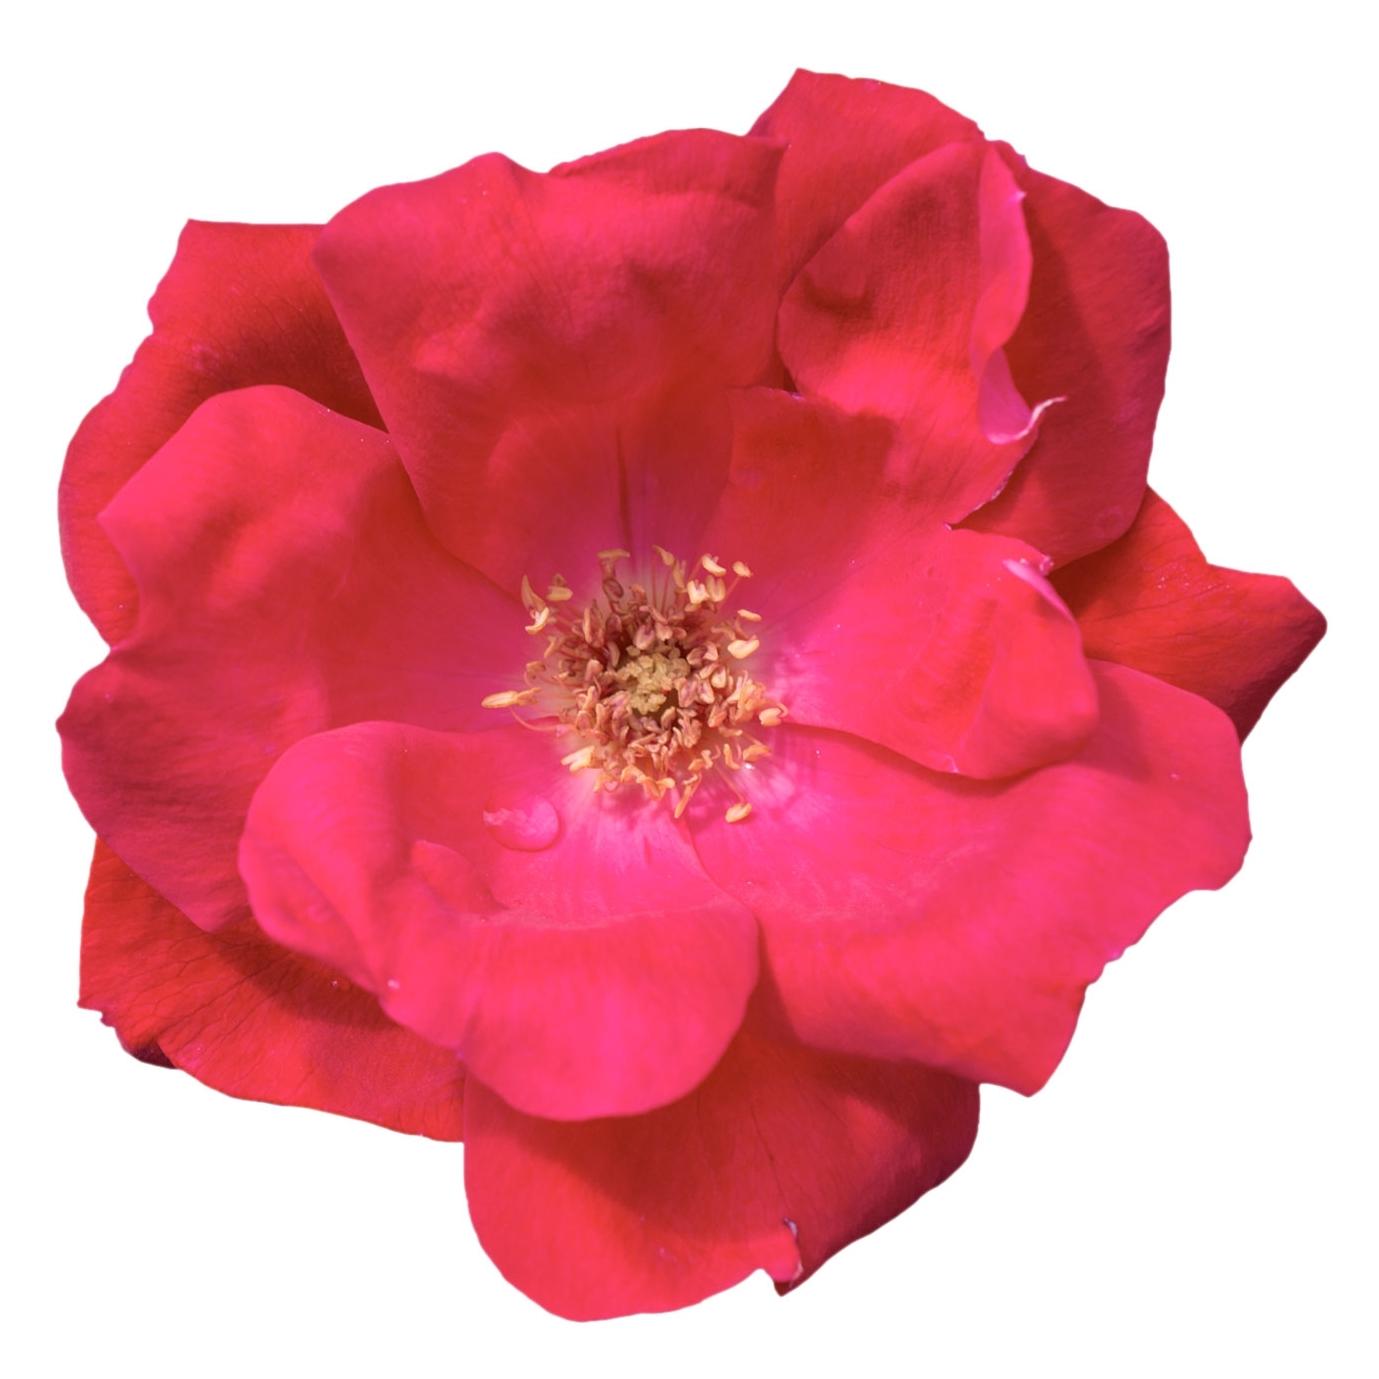 KO_Bloom_2.jpg